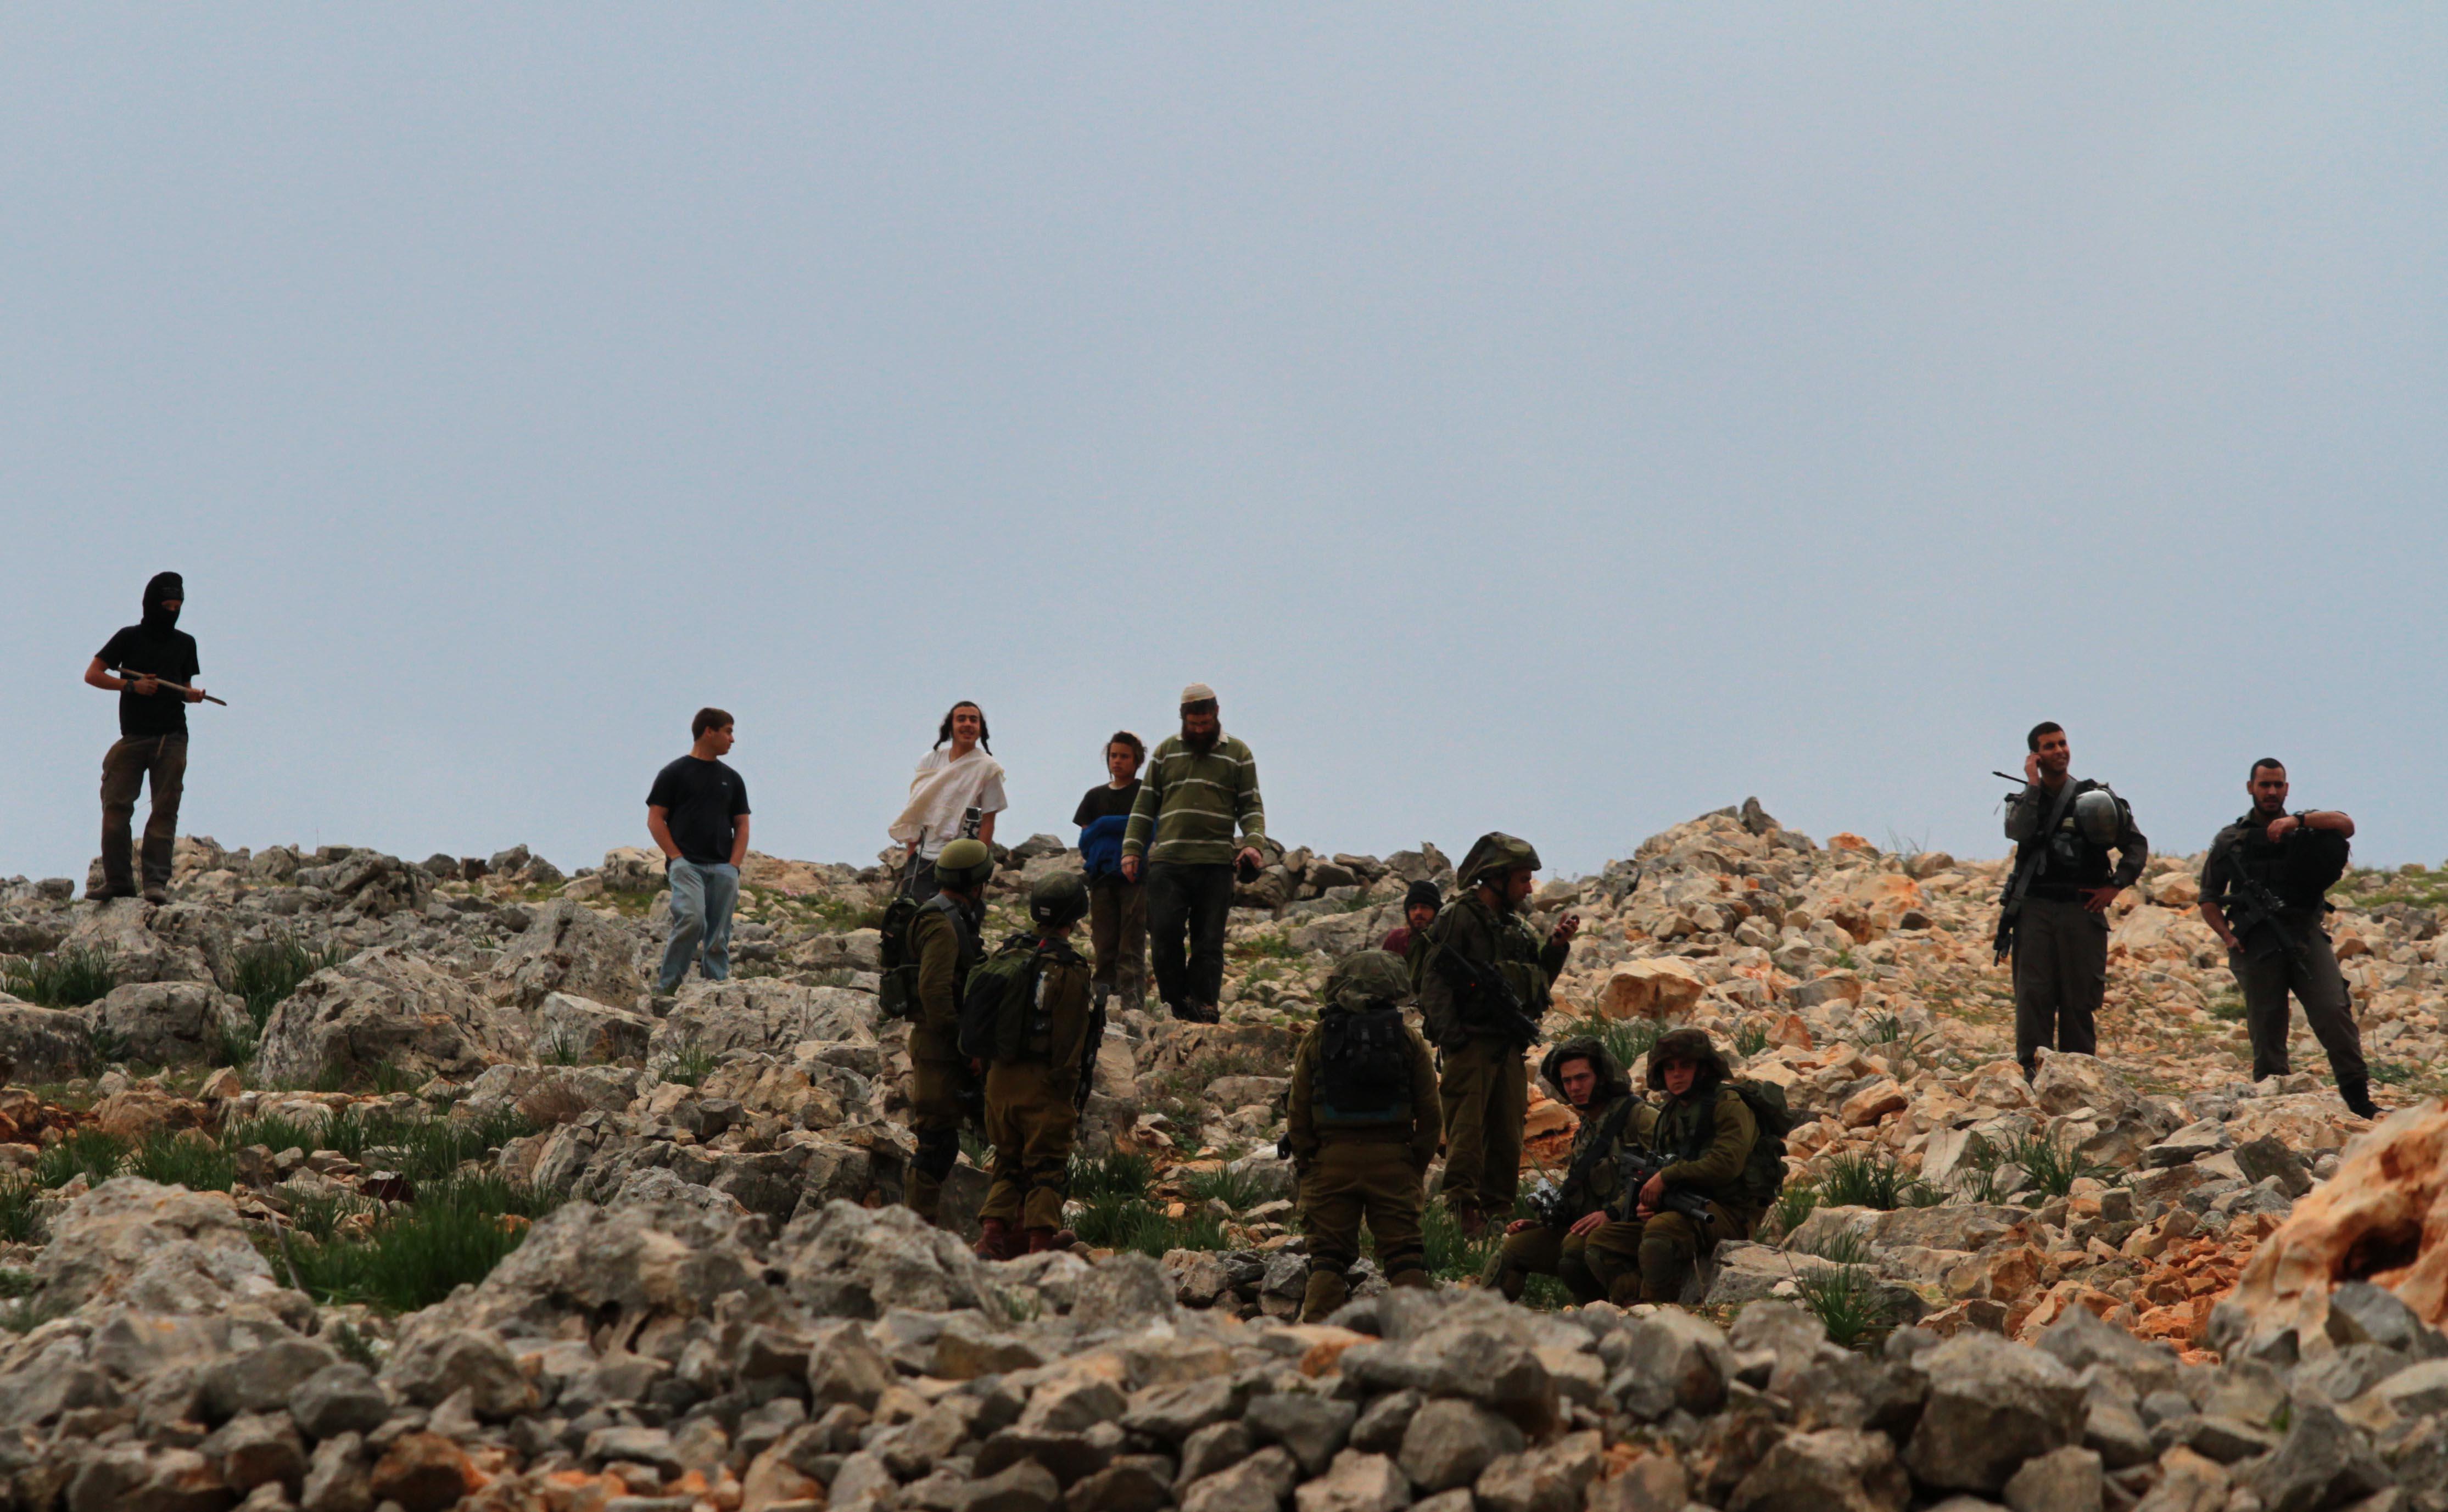 Des colons juifs attaquent les voitures de Palestiniens près de Naplouse